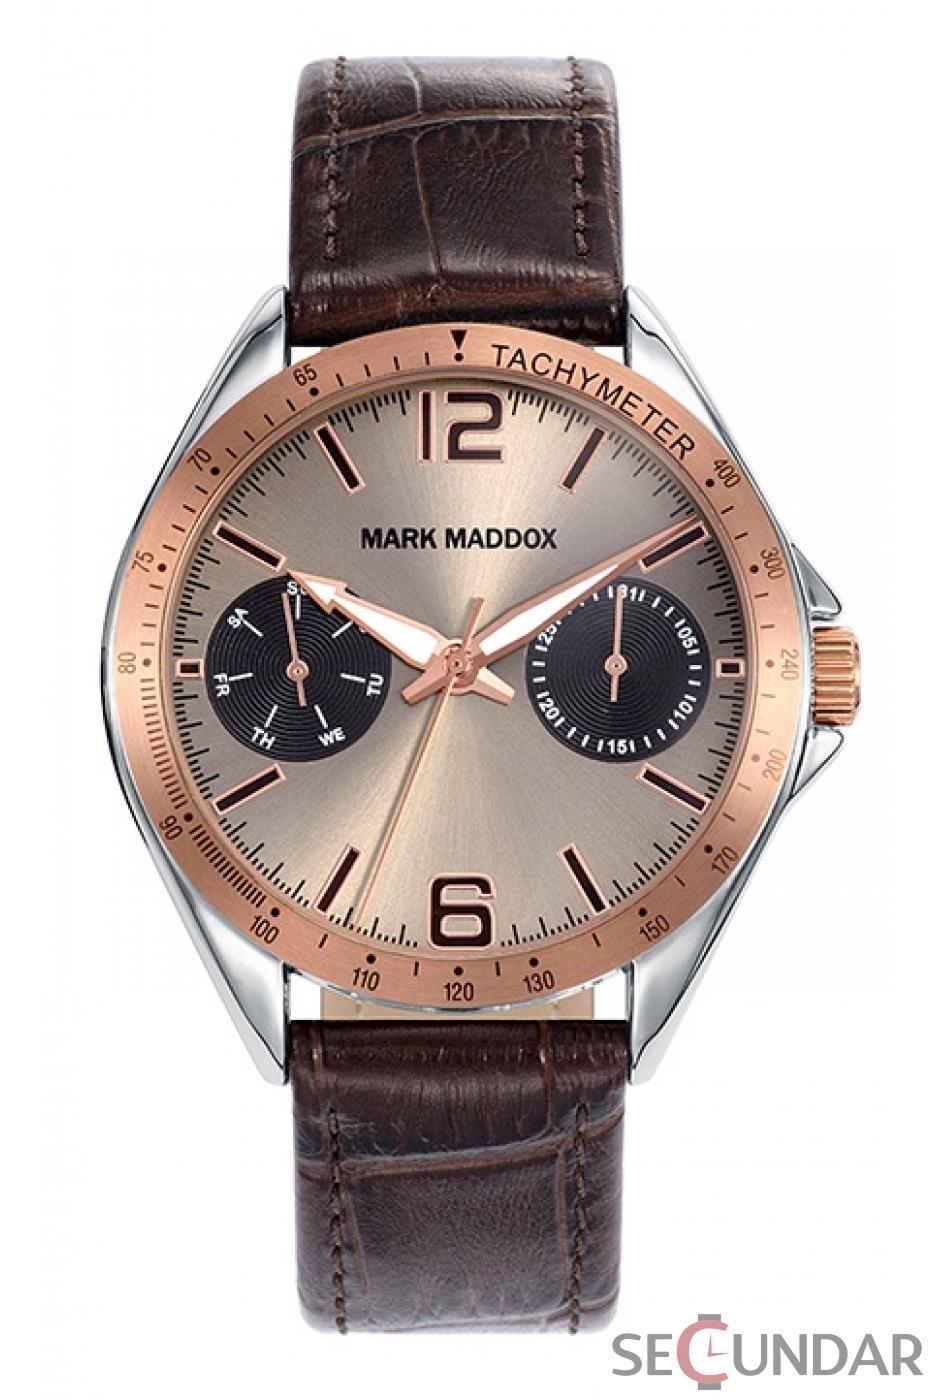 Ceas Mark Maddox Elegant-Sport HC7006-45 Barbatesc de Mana Original